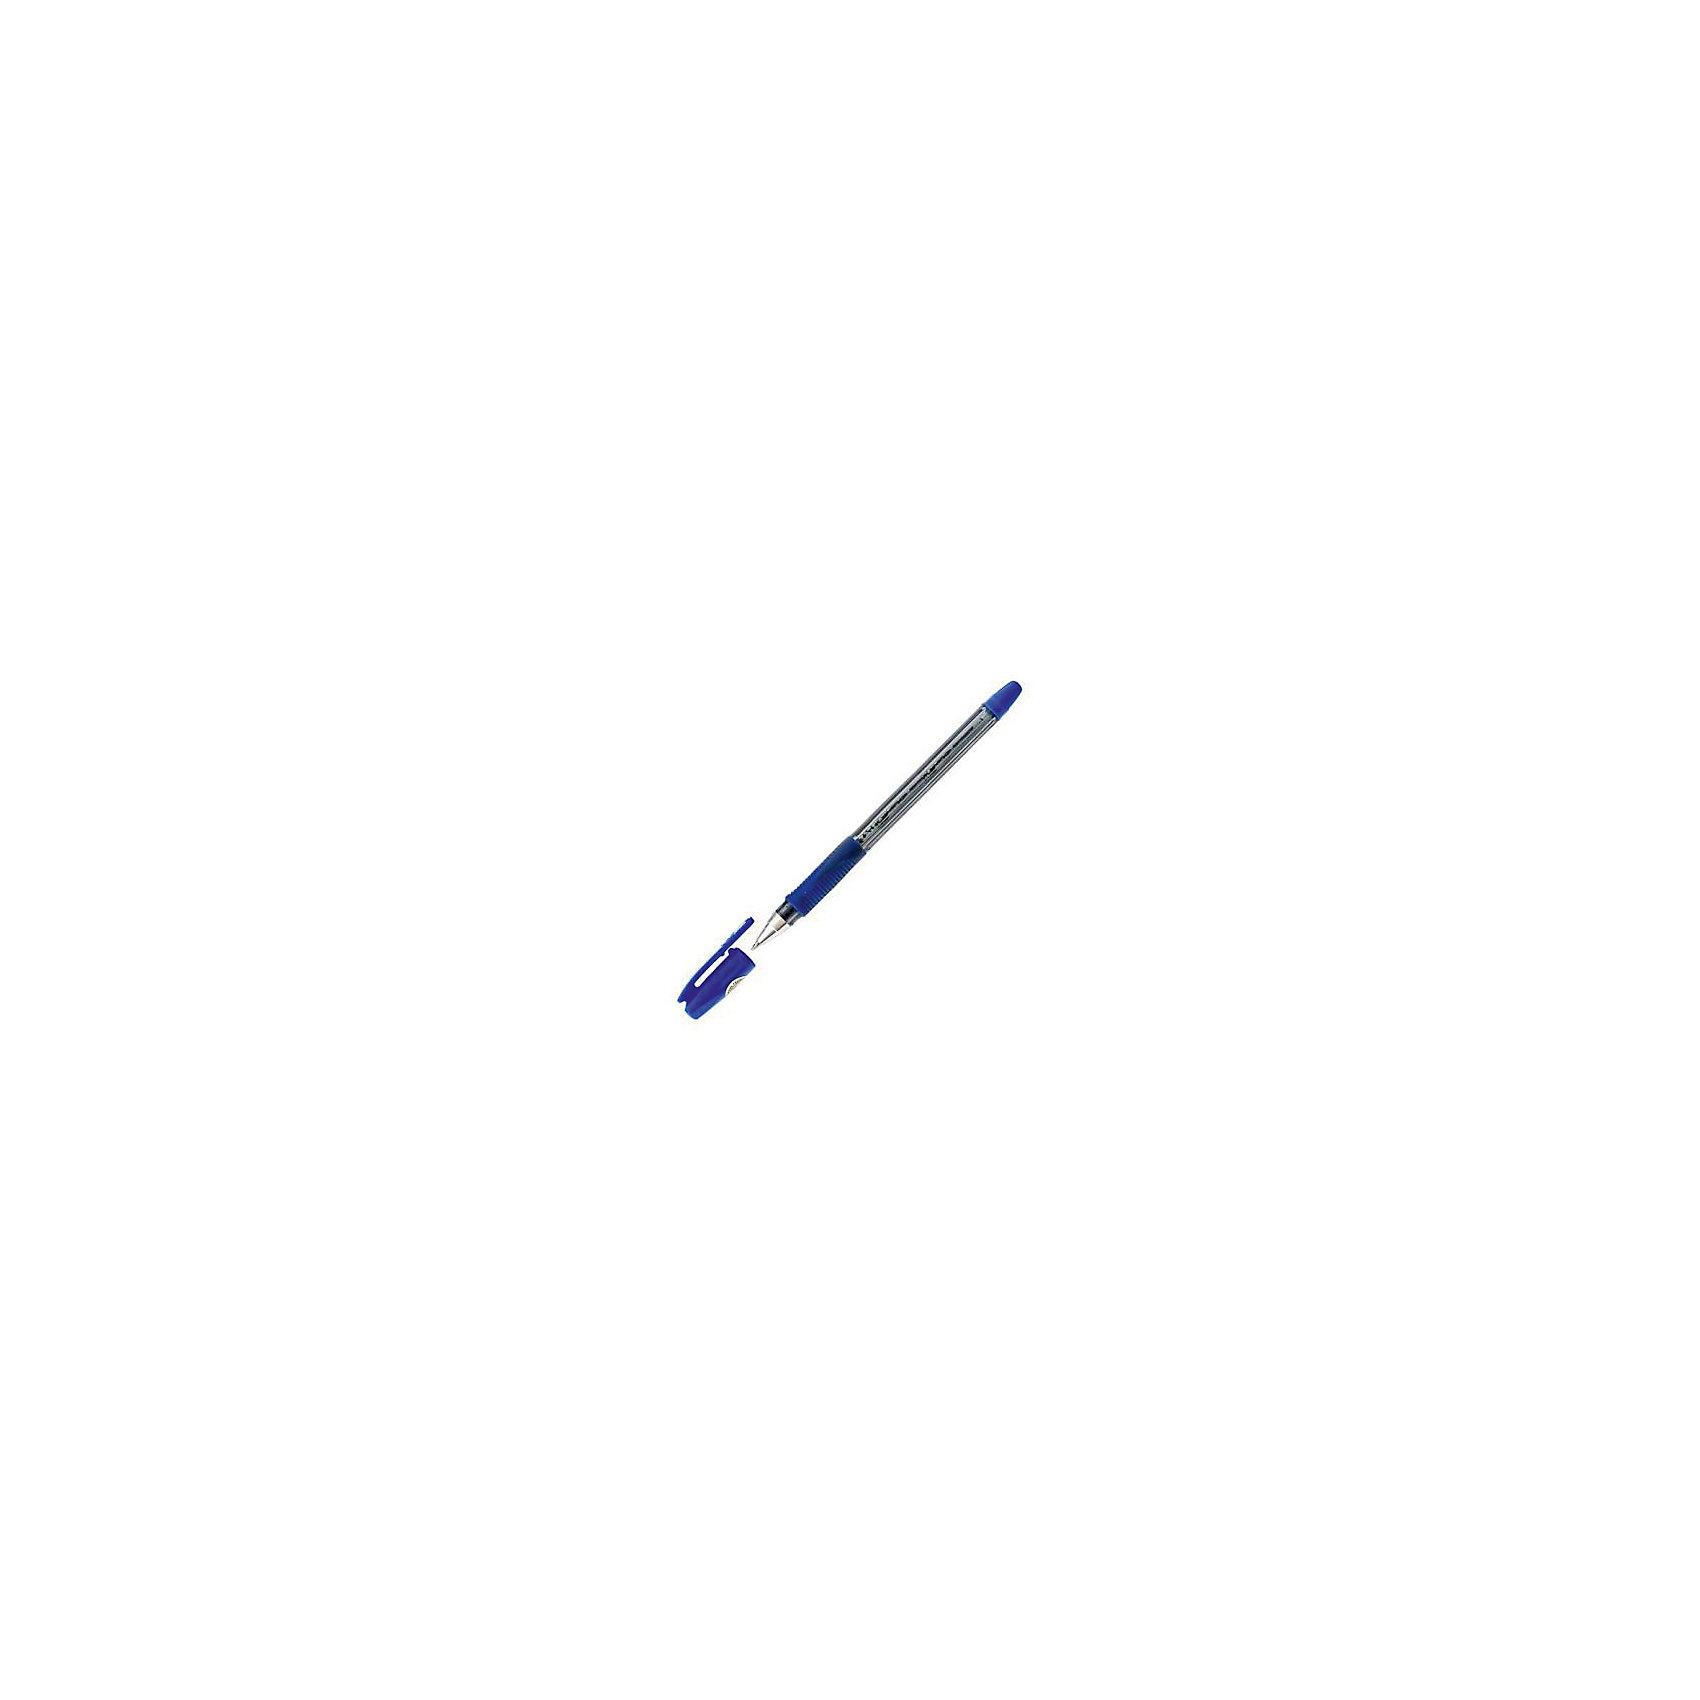 Ручка шариковая Pilot Bps-gp-medium, синяяПисьменные принадлежности<br>Характеристики товара:<br><br>• модель: BPS-GP-Medium;<br>• цвет чернил: синий;<br>• цвет корпуса: прозрачный+синий;<br>• материал корпуса: пластик;<br>• наличие резиновой манжетки<br>• диаметр шарика: 1,0 мм;<br>• толщина линии: 0,4 мм;<br>• вес: 20 гр.;<br>• страна бренда: Япония<br>• страна изготовитель: Япония.<br><br>Ручка шариковая, BPS-GP-Medium Pilot (Пилот), синяя - имеет прозрачный пластиковый корпус с резиновым упором для пальцев. Чернила на масляной основе. Наконечник стержня изготовлен из нержавеющей стали, а шарик из карбида вольфрама. Цвет колпачка и резиновой накладки соответствует цвету чернил.<br><br>Традиционно-высокое японское качество письма за разумные деньги - именно так можно охарактеризовать данную модель ручки. Ручка рассчитана на долговременное использование и обладает высокой надежностью.<br><br>Ручка шариковая, BPS-GP-Medium Pilot (Пилот), синяя можно купить в нашем интернет-магазине.<br><br>Ширина мм: 50<br>Глубина мм: 10<br>Высота мм: 190<br>Вес г: 20<br>Возраст от месяцев: 36<br>Возраст до месяцев: 2147483647<br>Пол: Унисекс<br>Возраст: Детский<br>SKU: 6943783